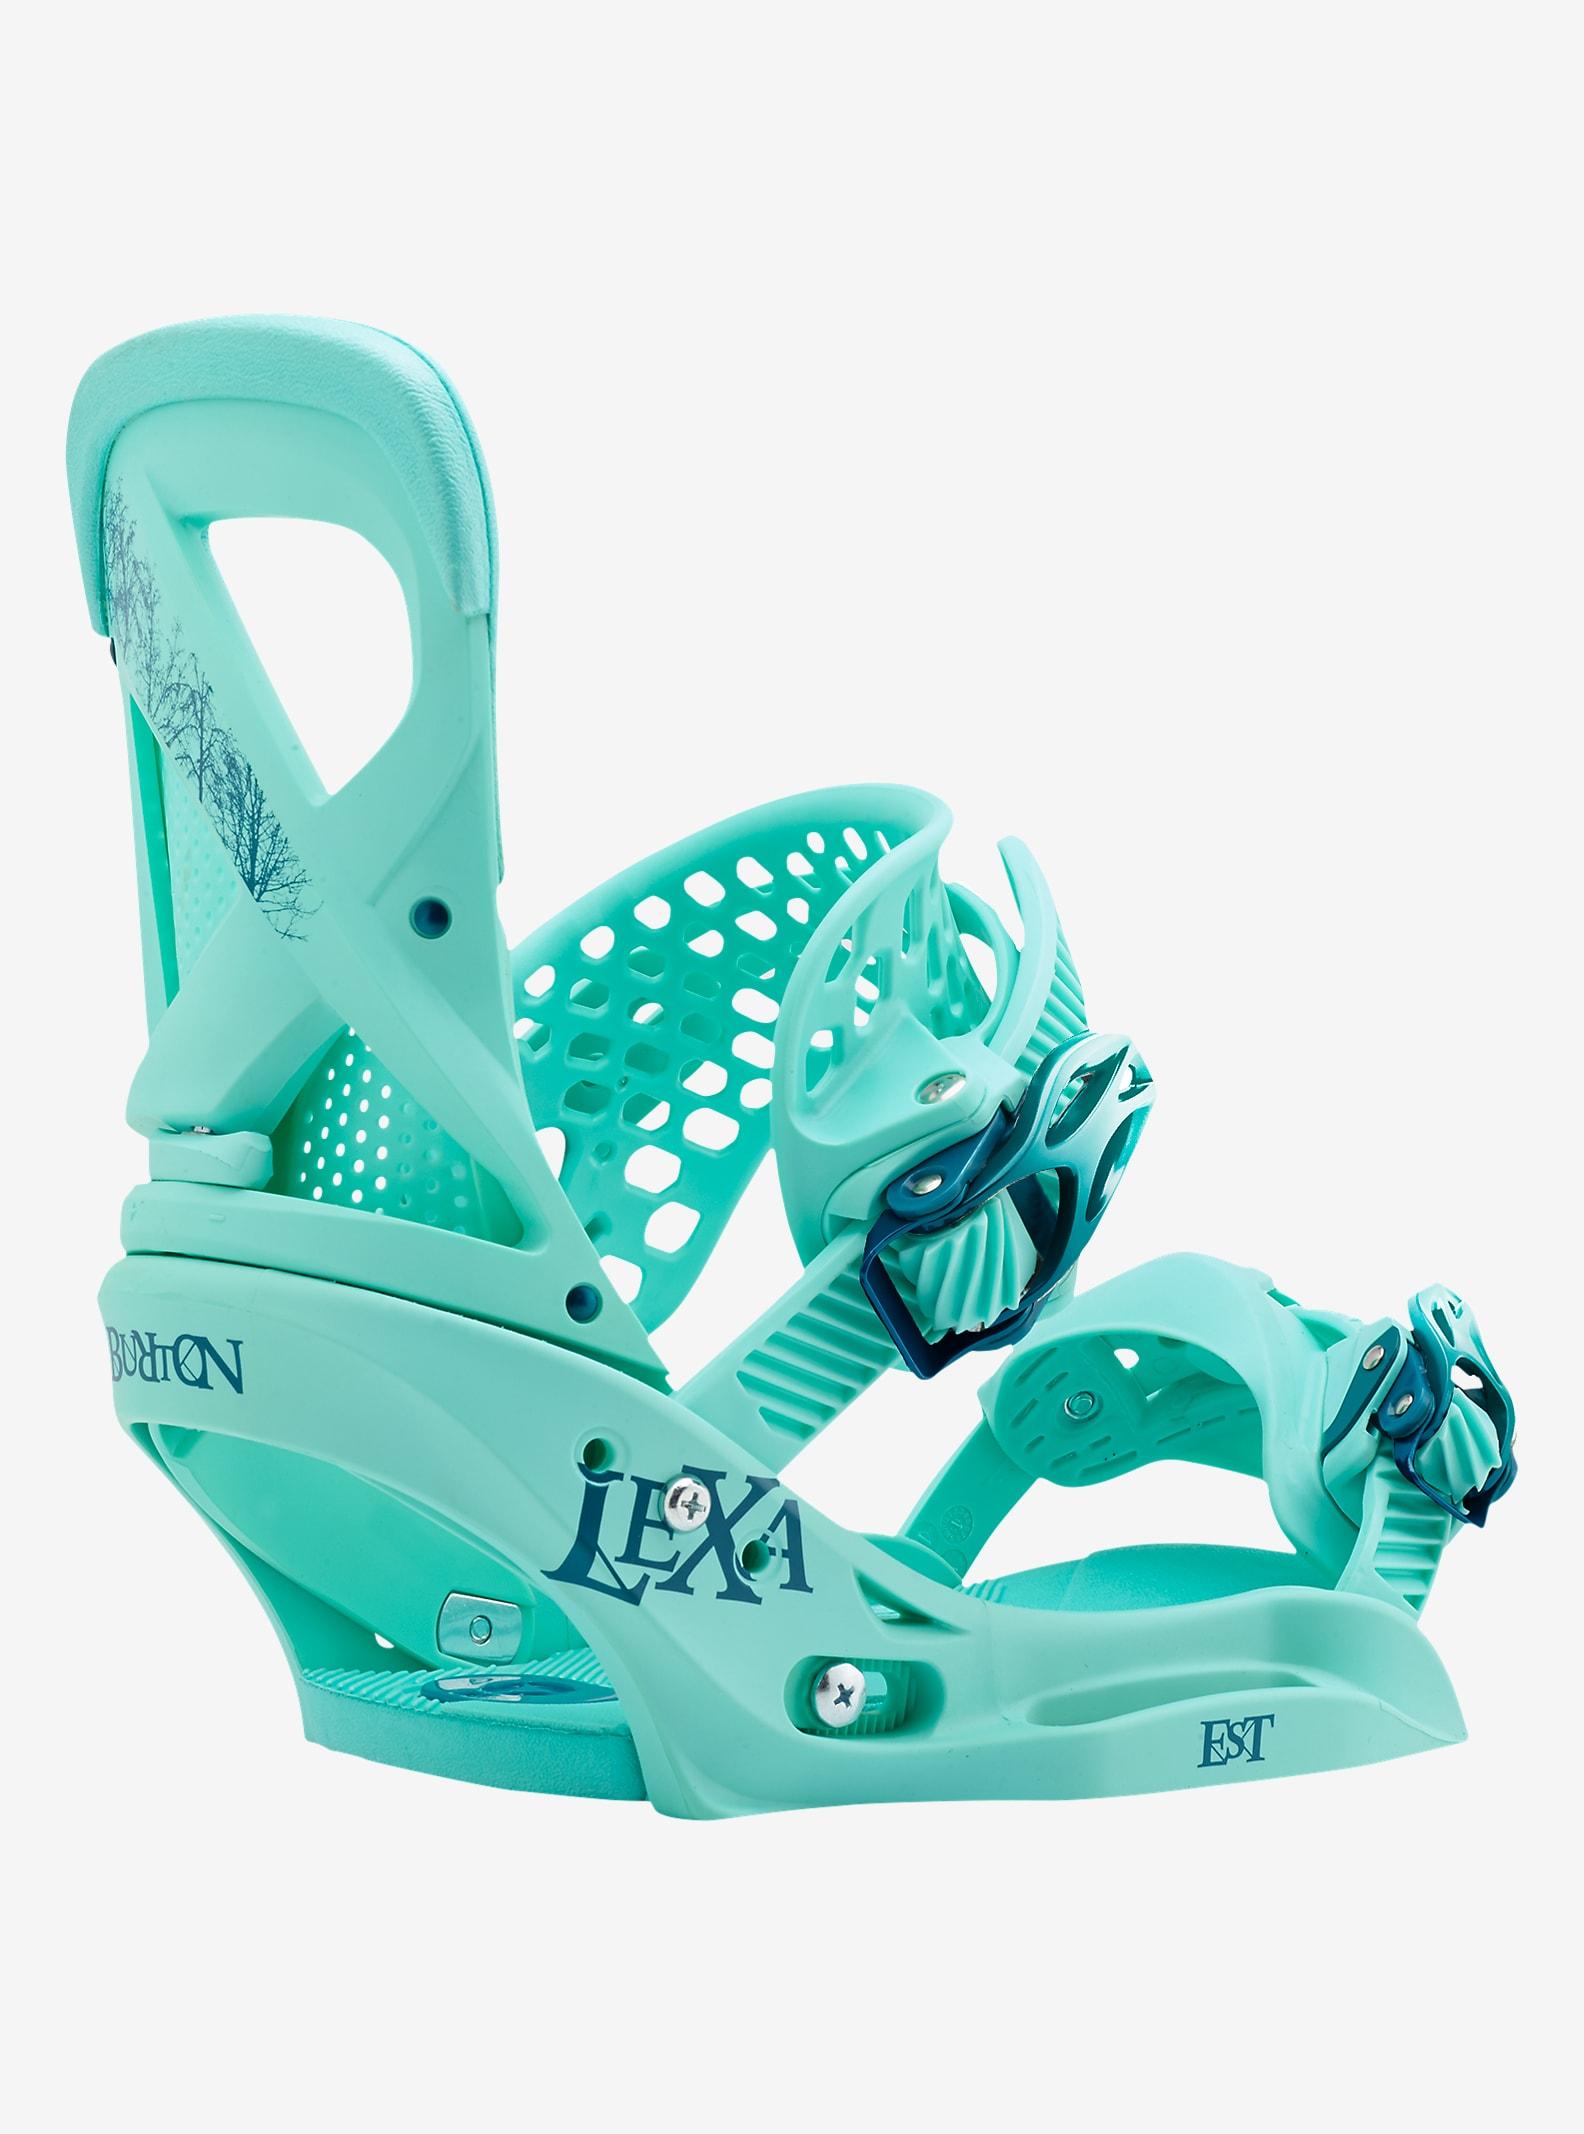 Burton - Fixation pour planche à neige Lexa EST affichage en The Teal Deal